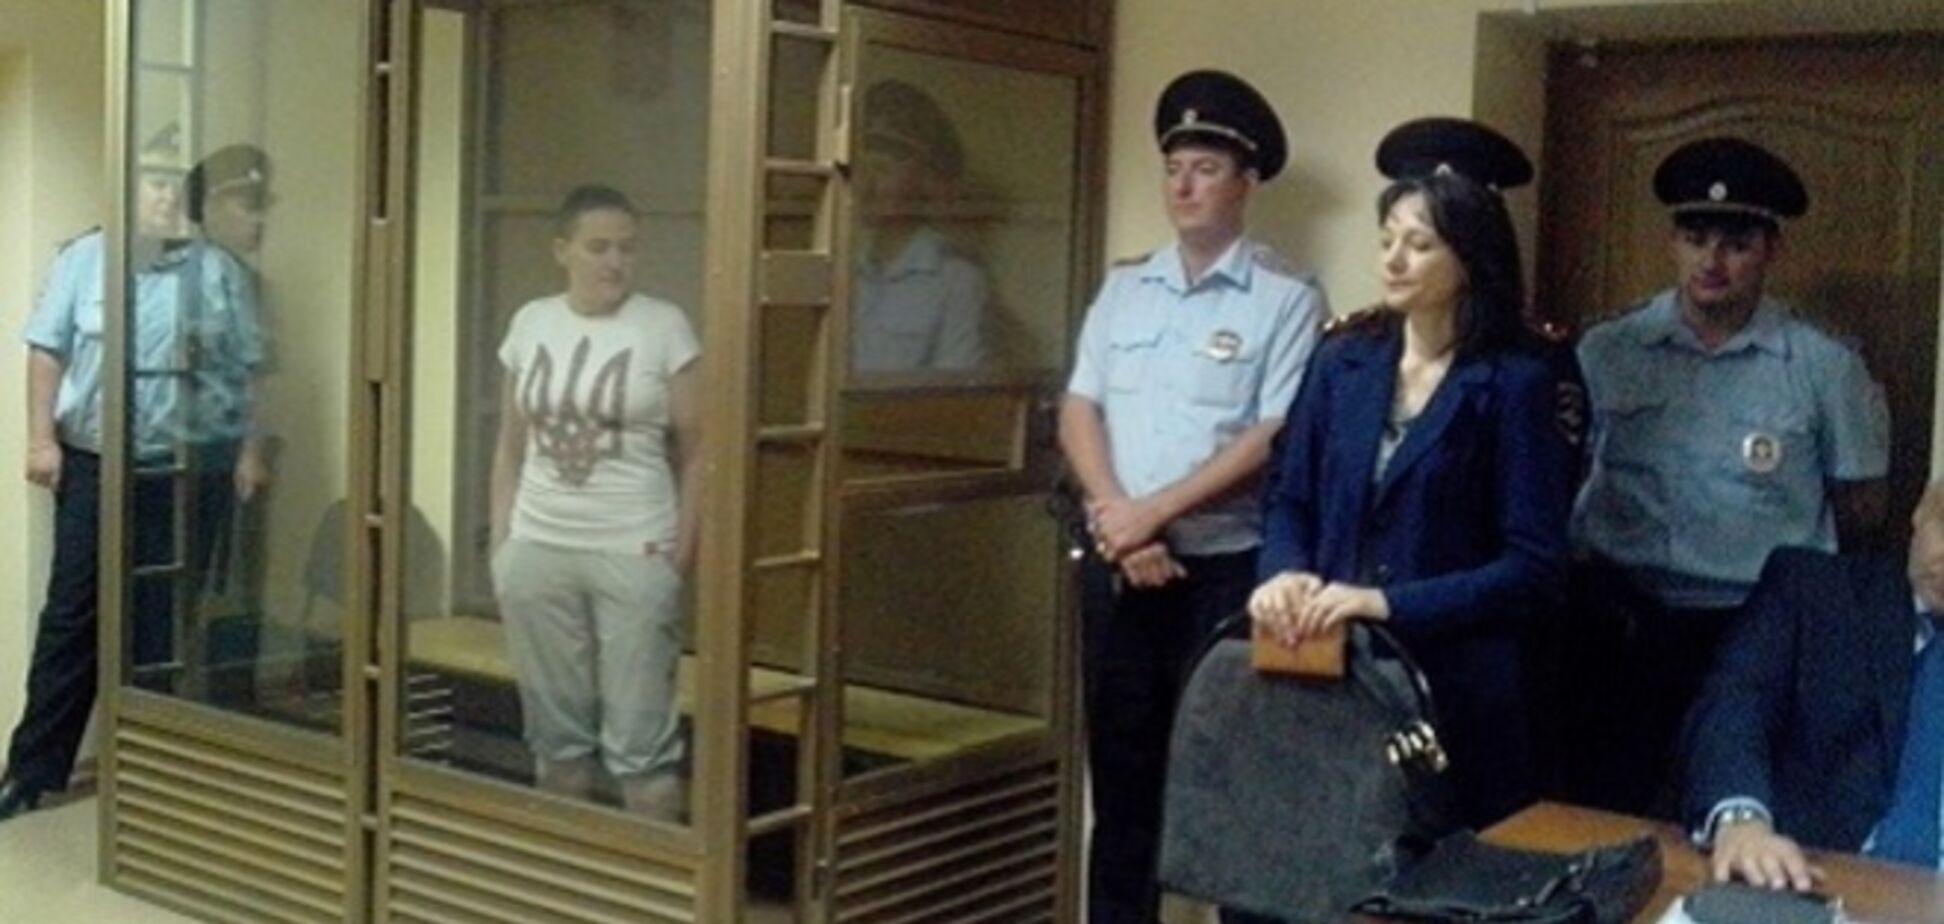 Украина потребовала от РФ срочно выяснить местонахождение Савченко